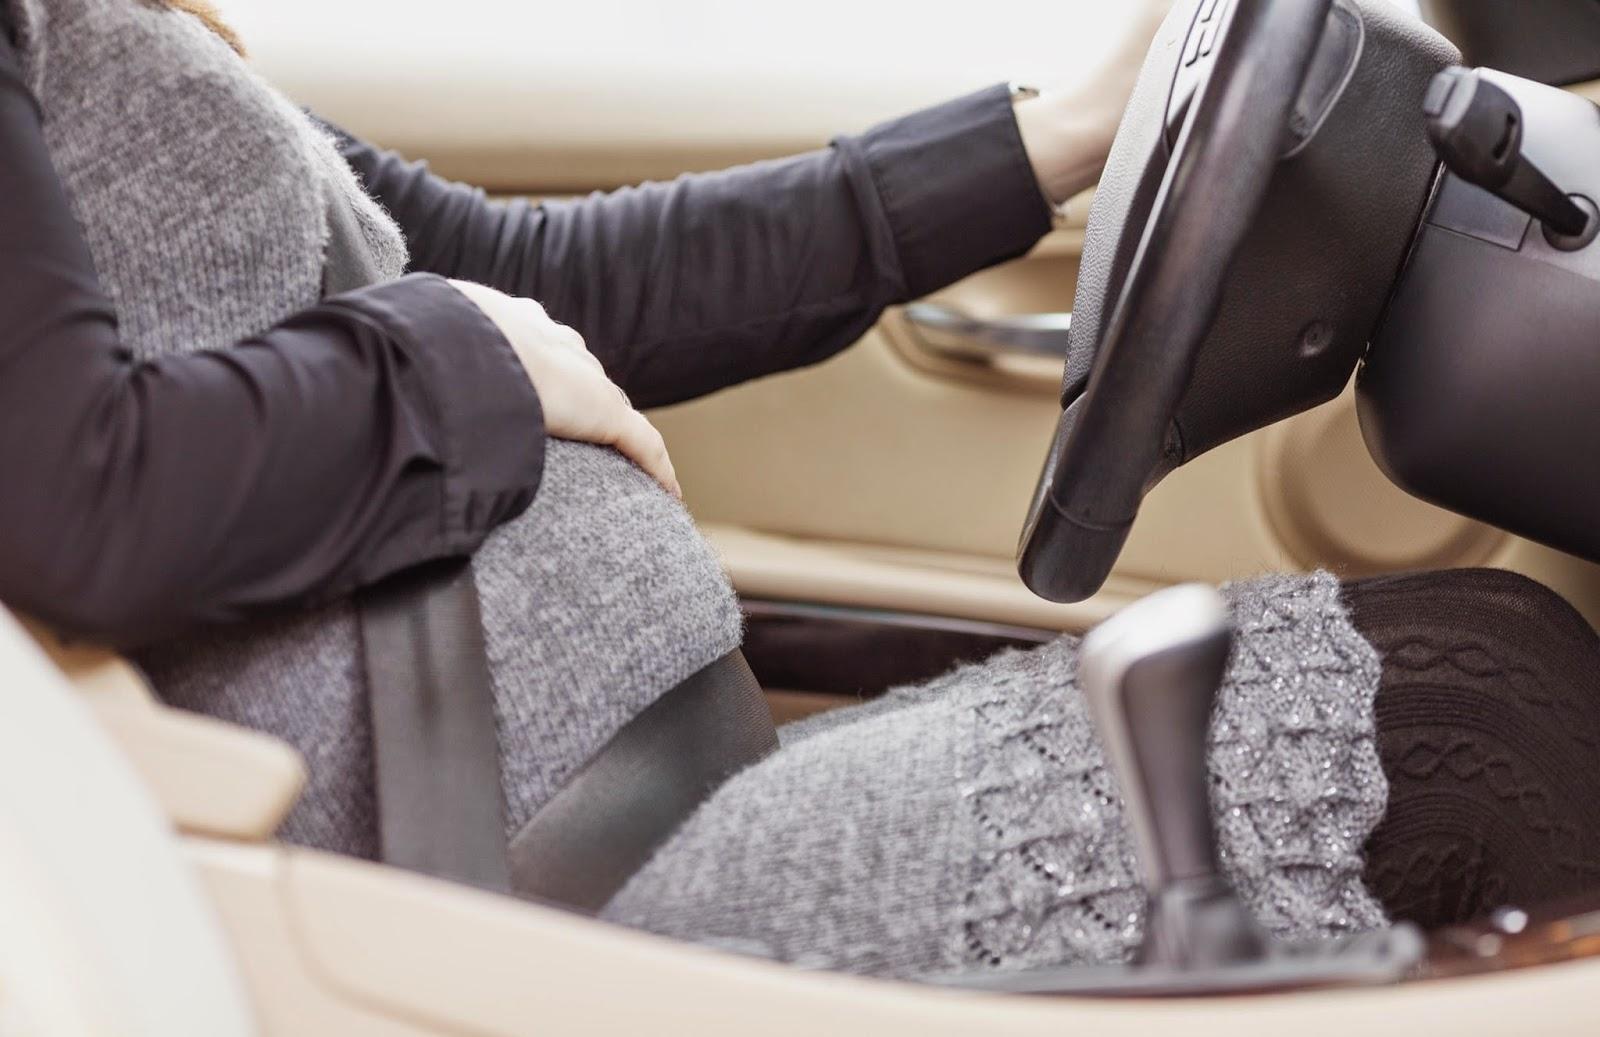 memandu semasa hamil